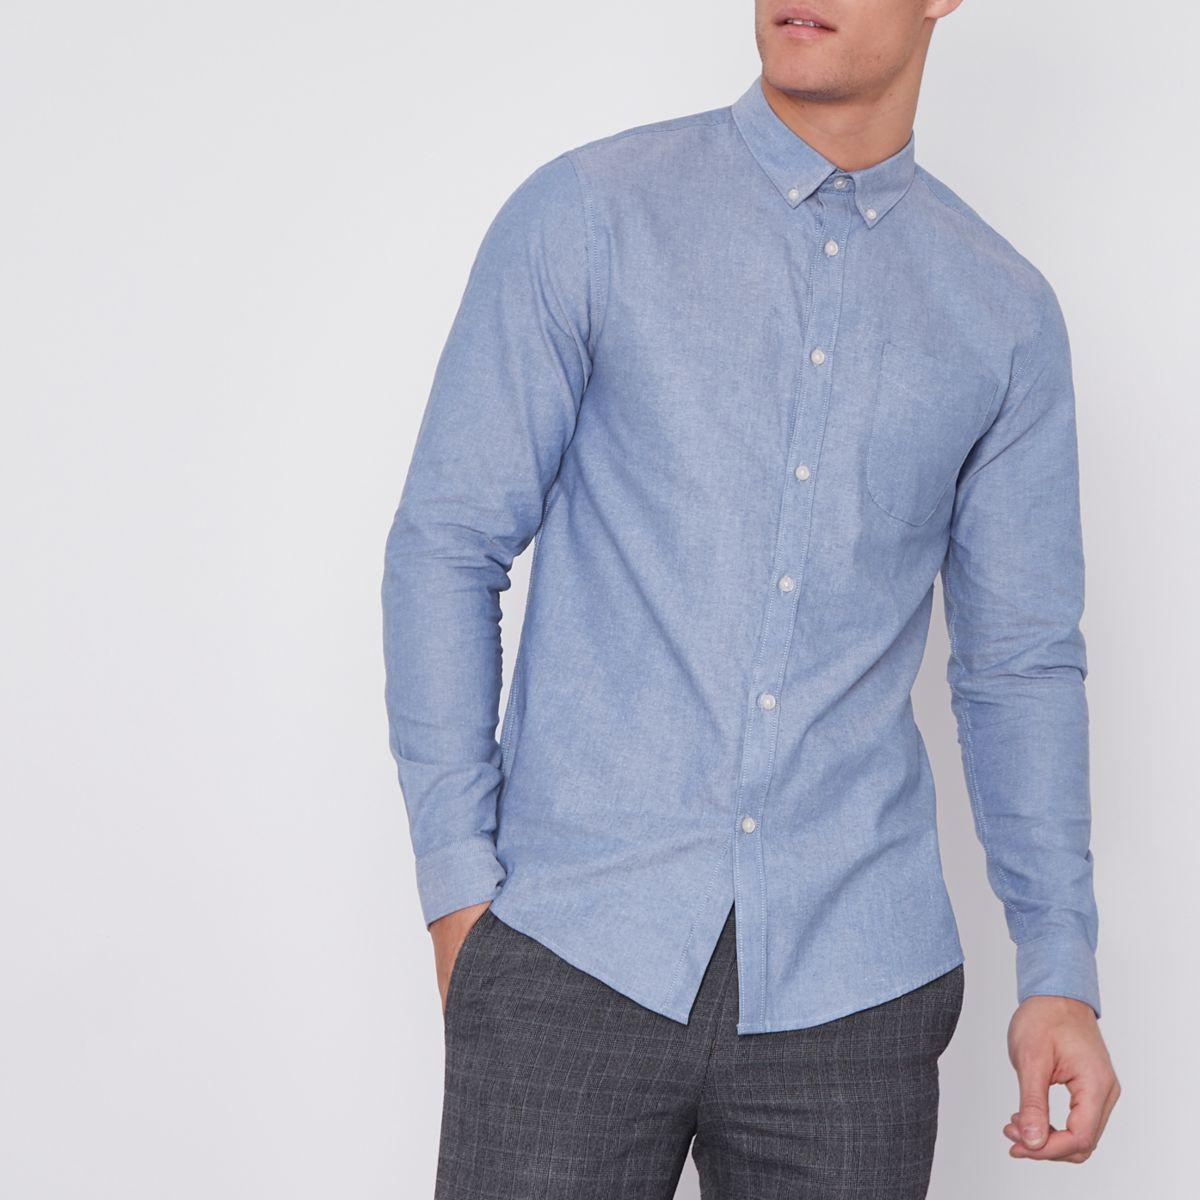 Blaues, legeres Oxford-Hemd